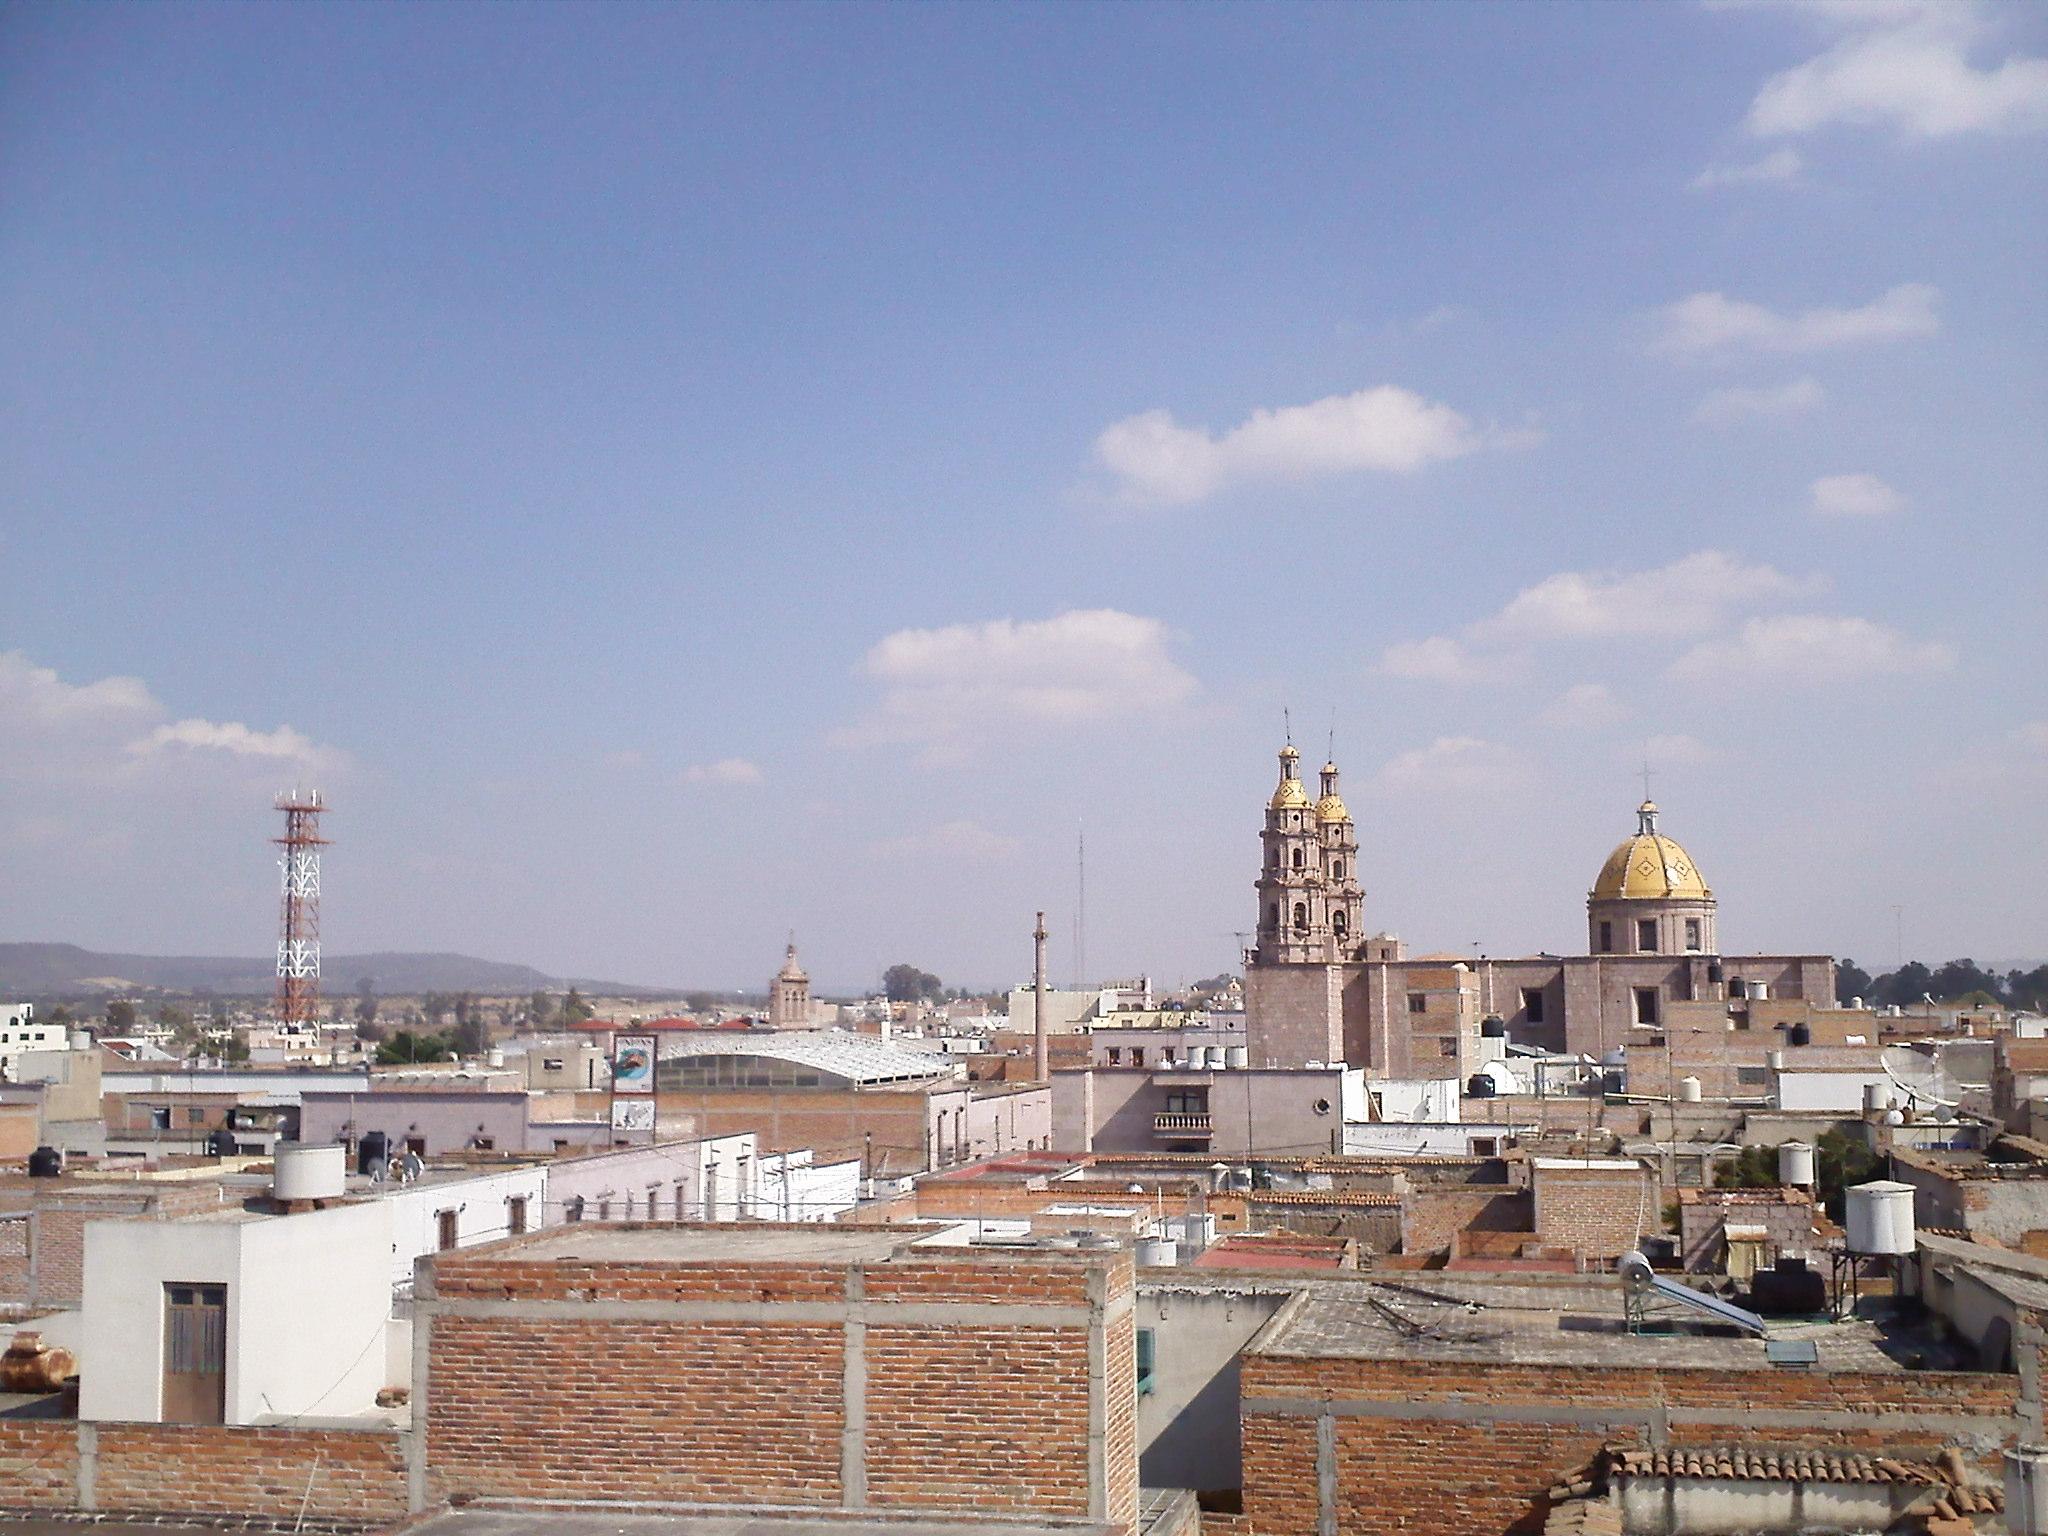 Archivo:San Miguel el Alto, Jalisco (17-11-2010).jpg - Wikipedia, la ...